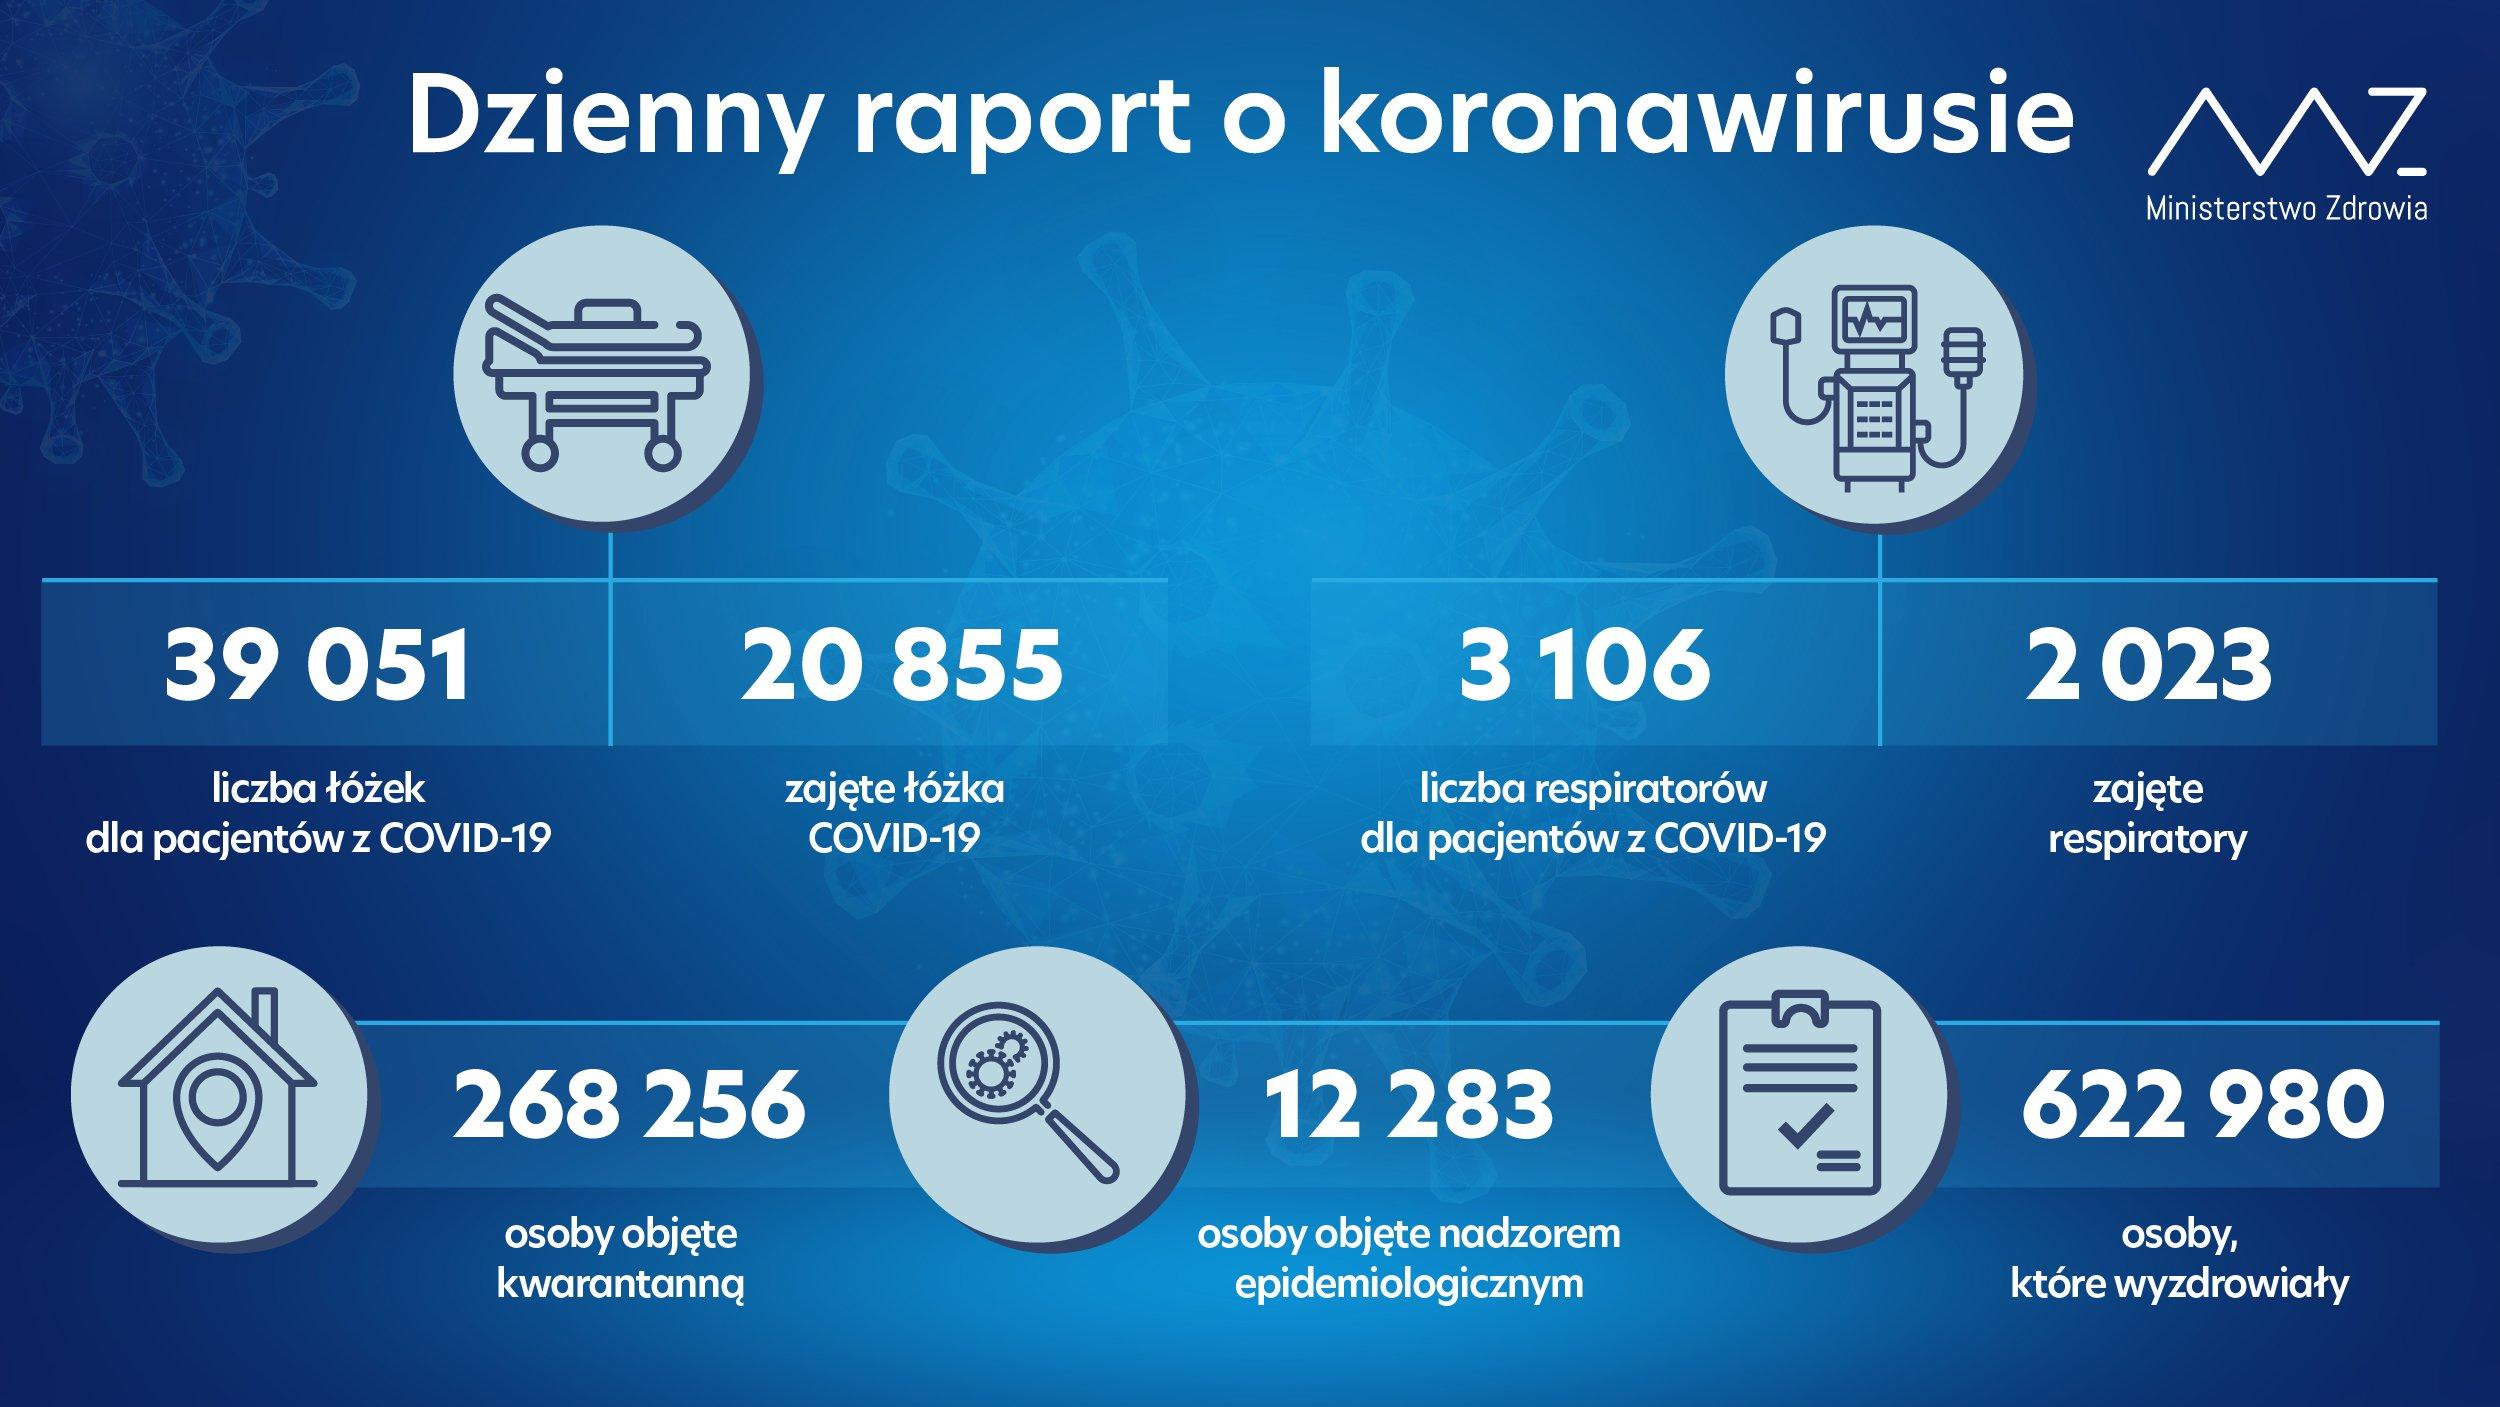 - liczba łóżek dla pacjentów z COVID-19: 39 051 - liczba łóżek zajętych: 20 855 - liczba respiratorów dla pacjentów z COVID-19: 3 106 - liczba zajętych respiratorów: 2 023 - liczba osób objętych kwarantanną: 268 256 - liczba osób objętych nadzorem sanitarno-epidemiologicznym: 12 283  - liczba osób, które wyzdrowiały: 622 980